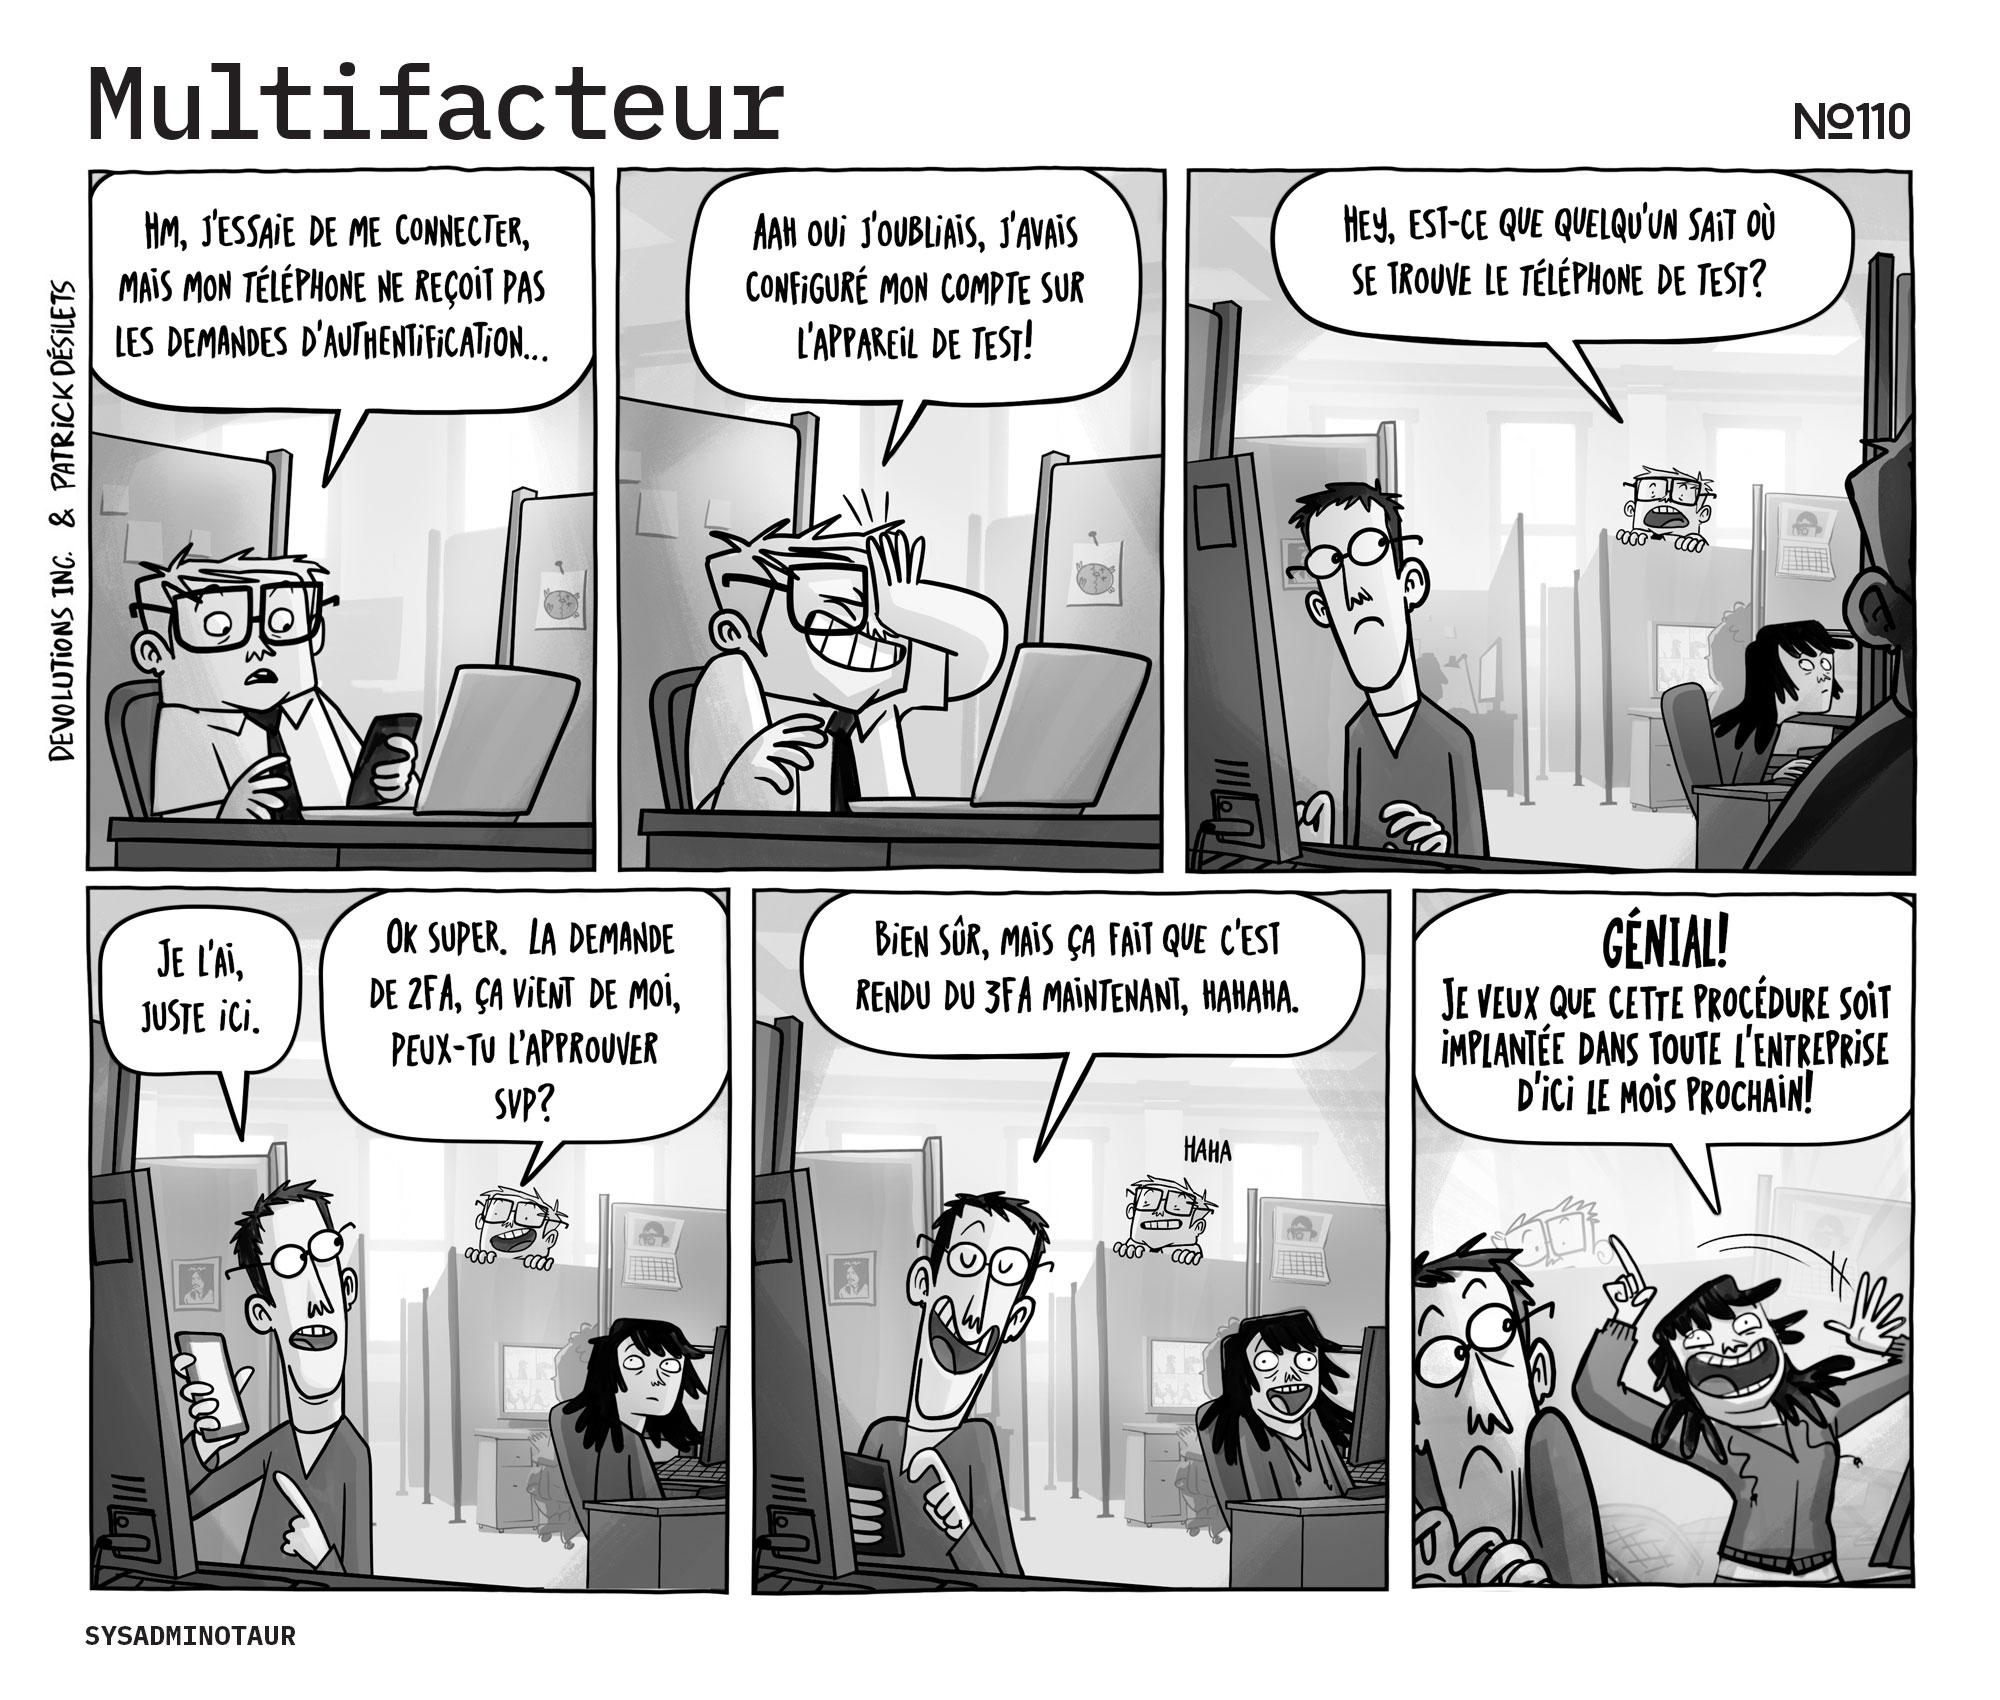 110 multifacteur